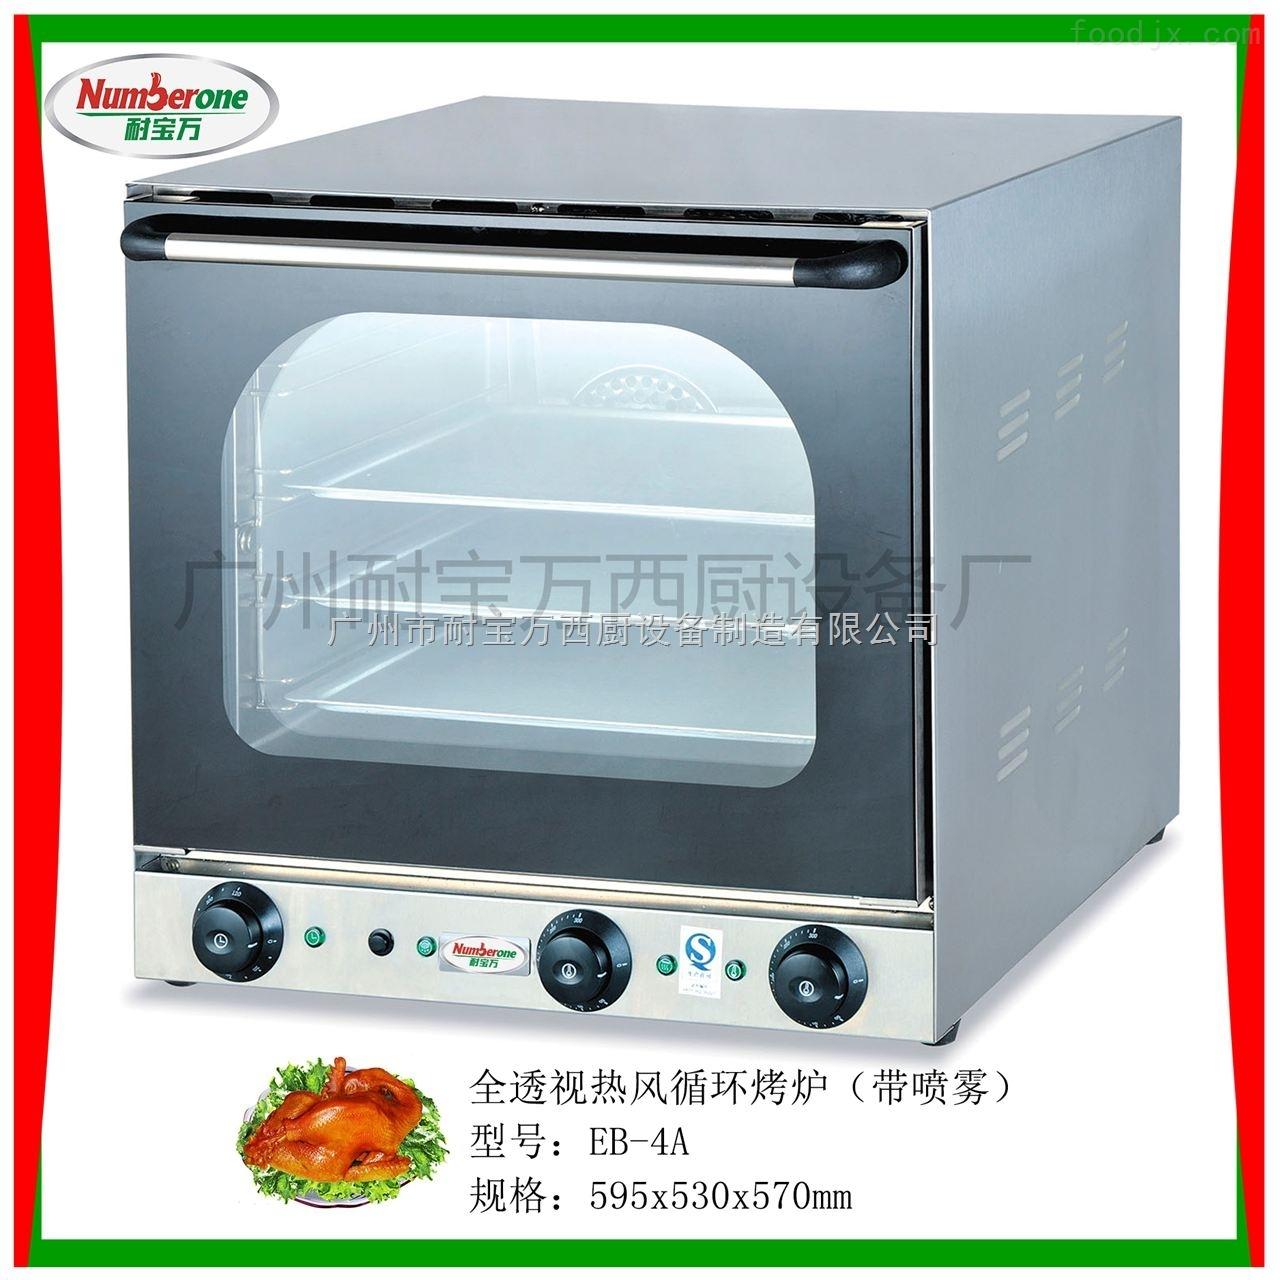 耐宝万烘焙设备热风循环电烤炉带喷雾